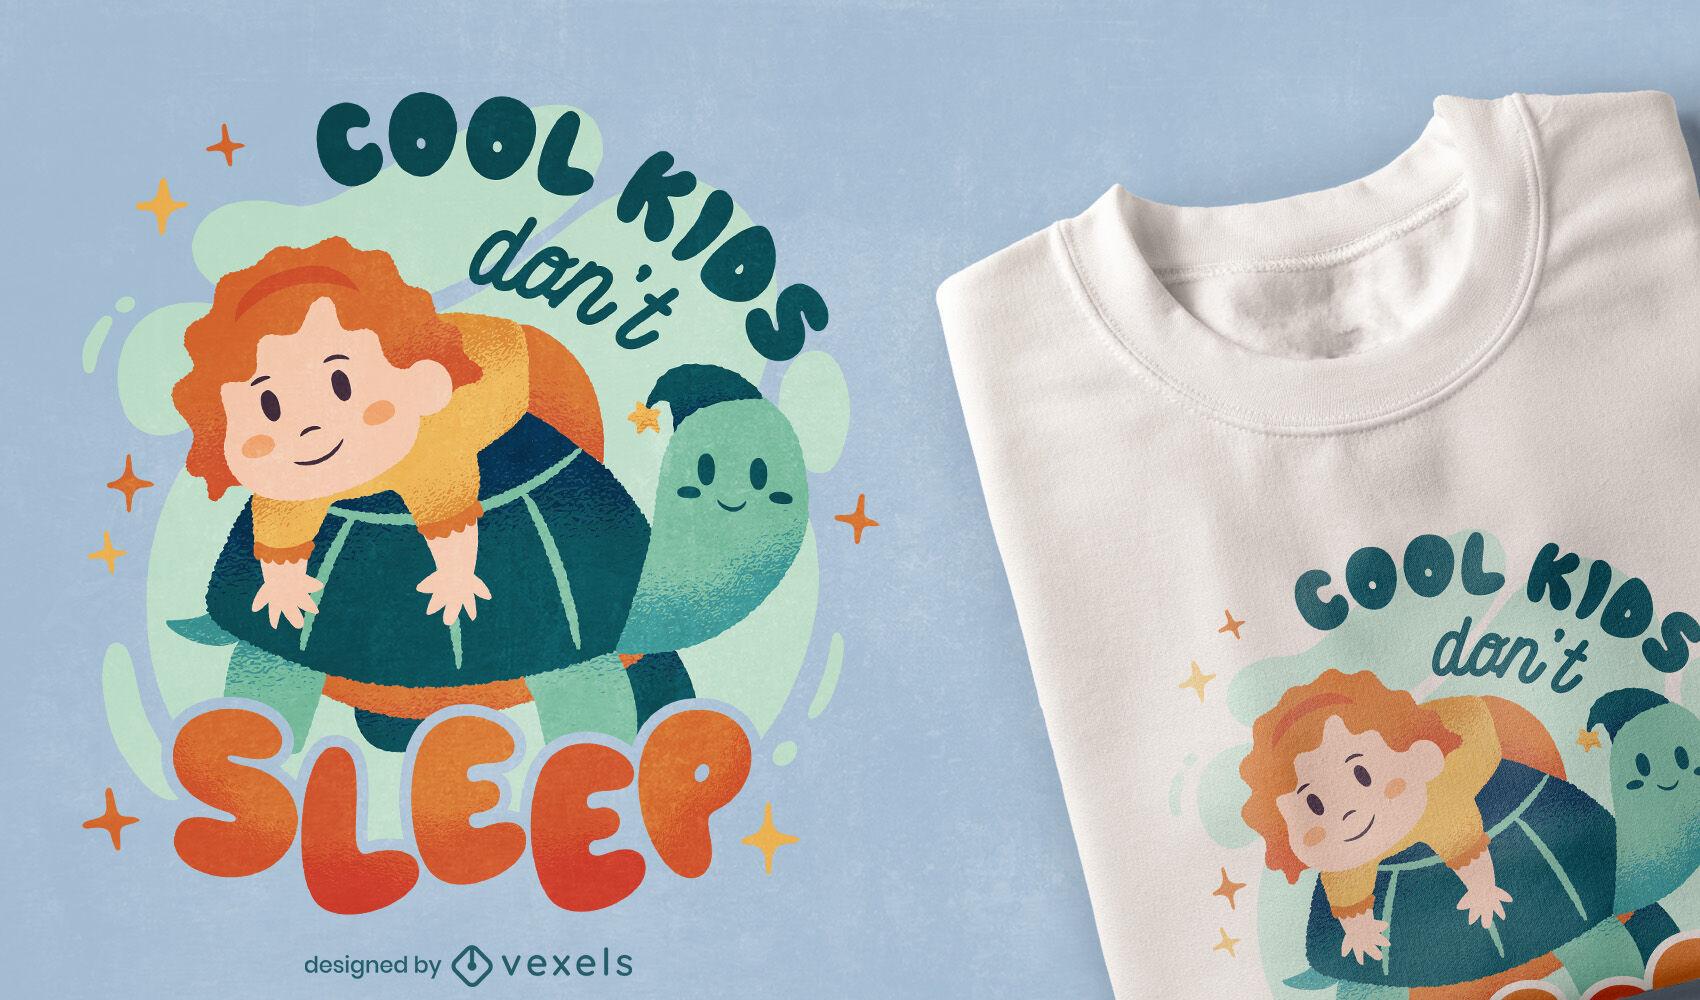 Kind umarmt niedliches T-Shirt-Design der Schildkröte